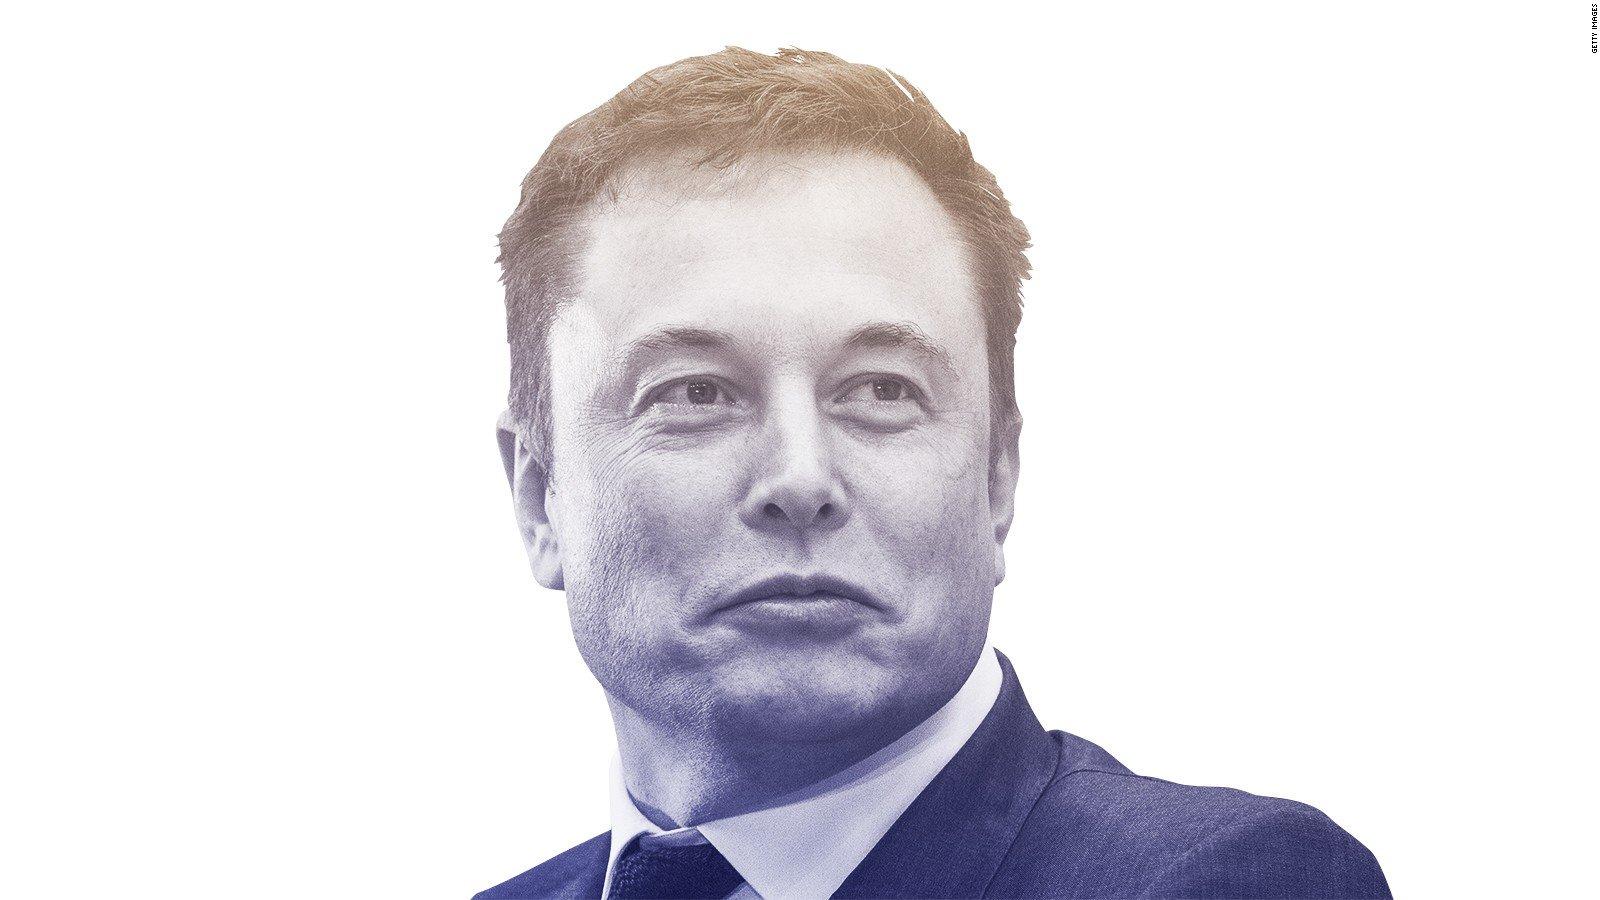 Elon Musk Los Ancelesdəki yeraltı tunelin ilk fotosunu təqdim etdi